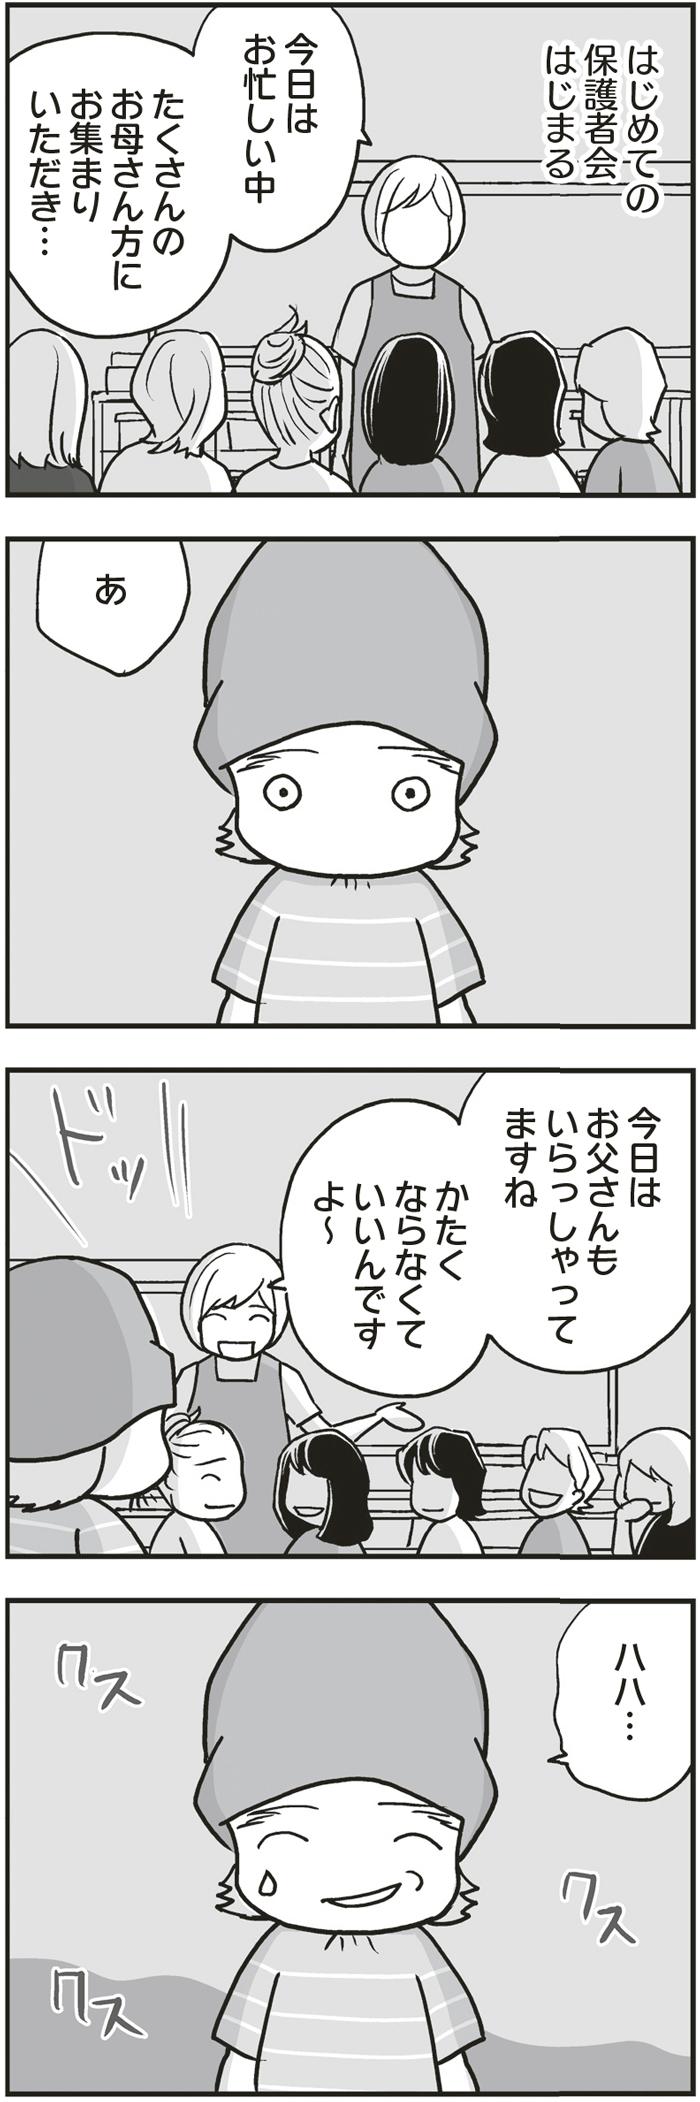 """""""イクメン""""と言われてモヤモヤ…パパが感じる「育児の壁」とは?の画像4"""